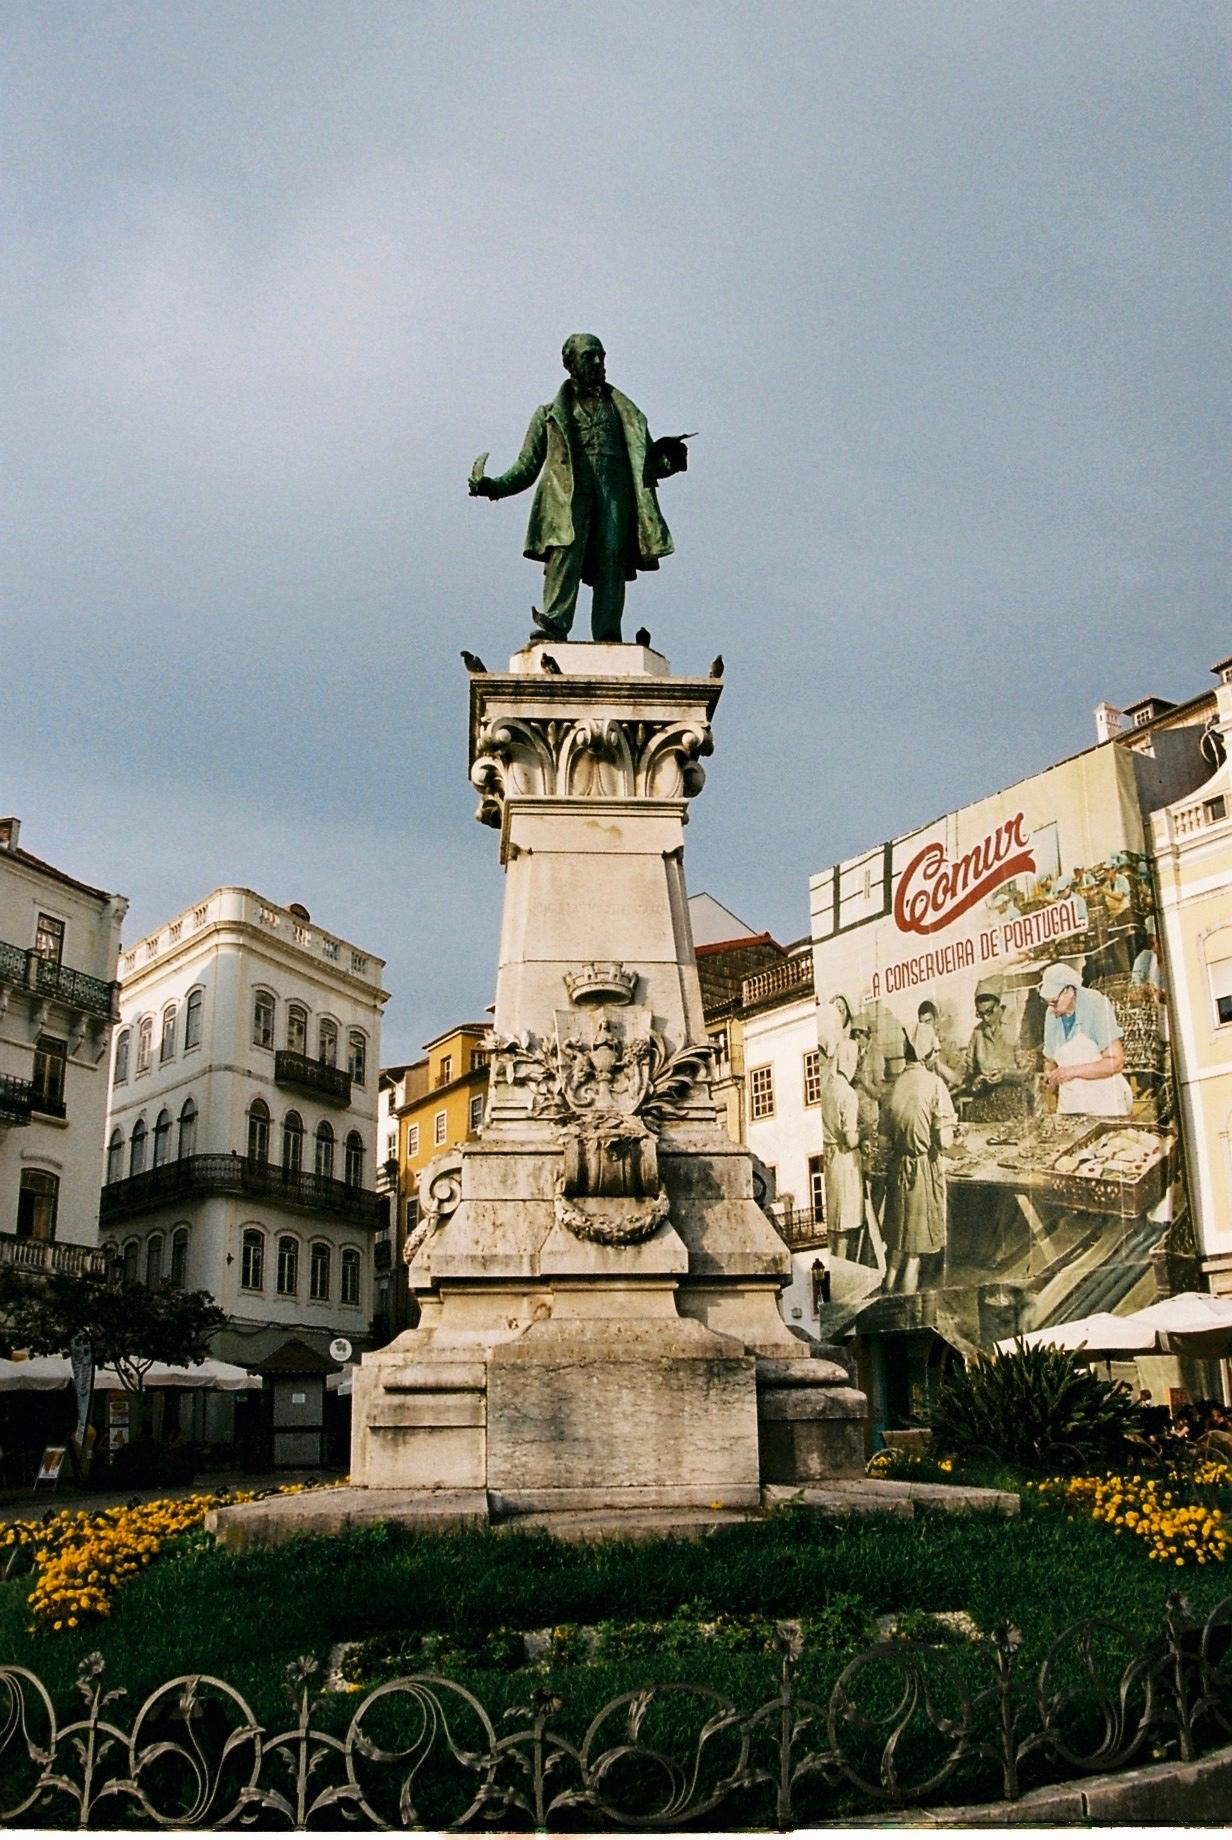 Coimbra 08-2019 - 25 of 62